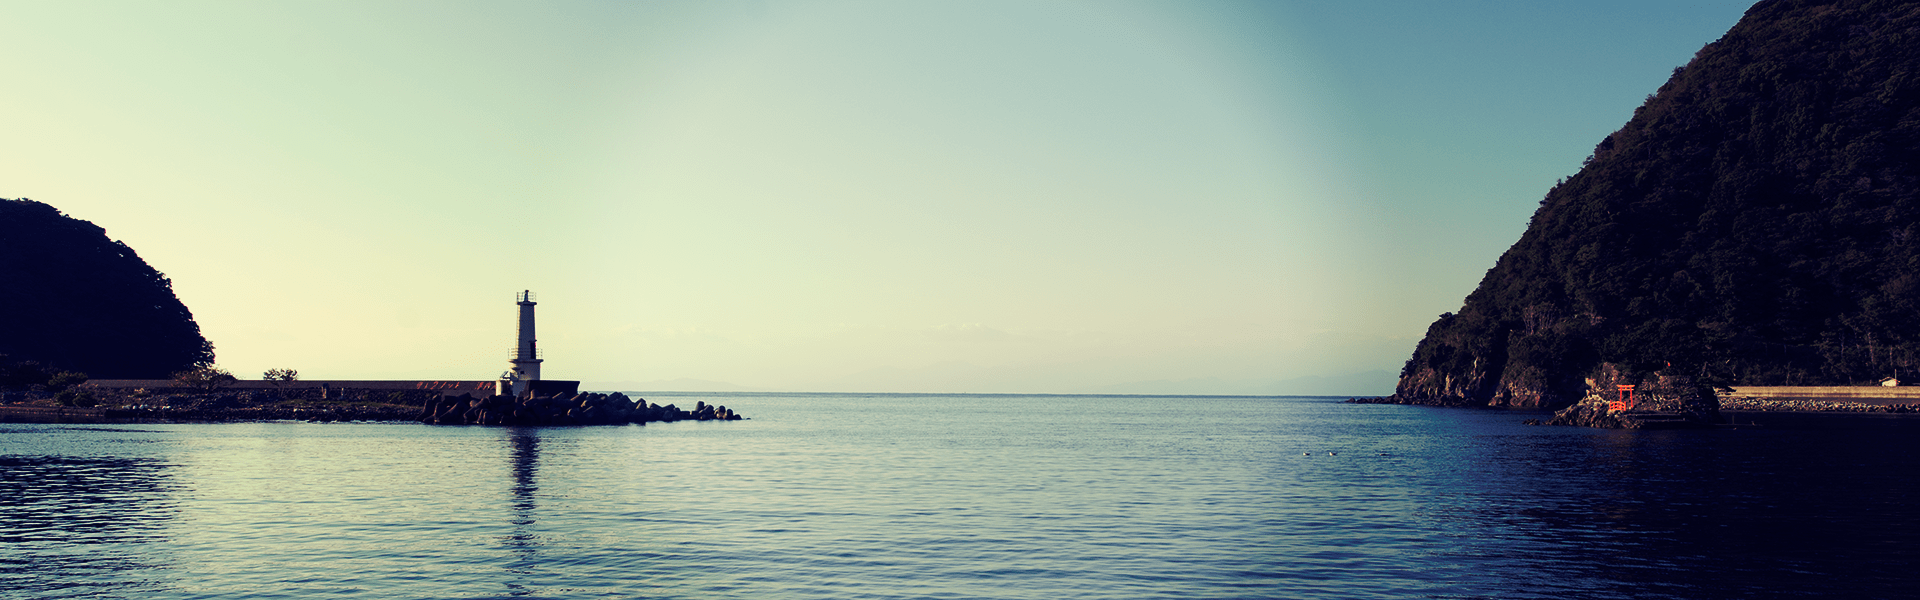 西伊豆安良里の釣り船ふじなみ丸